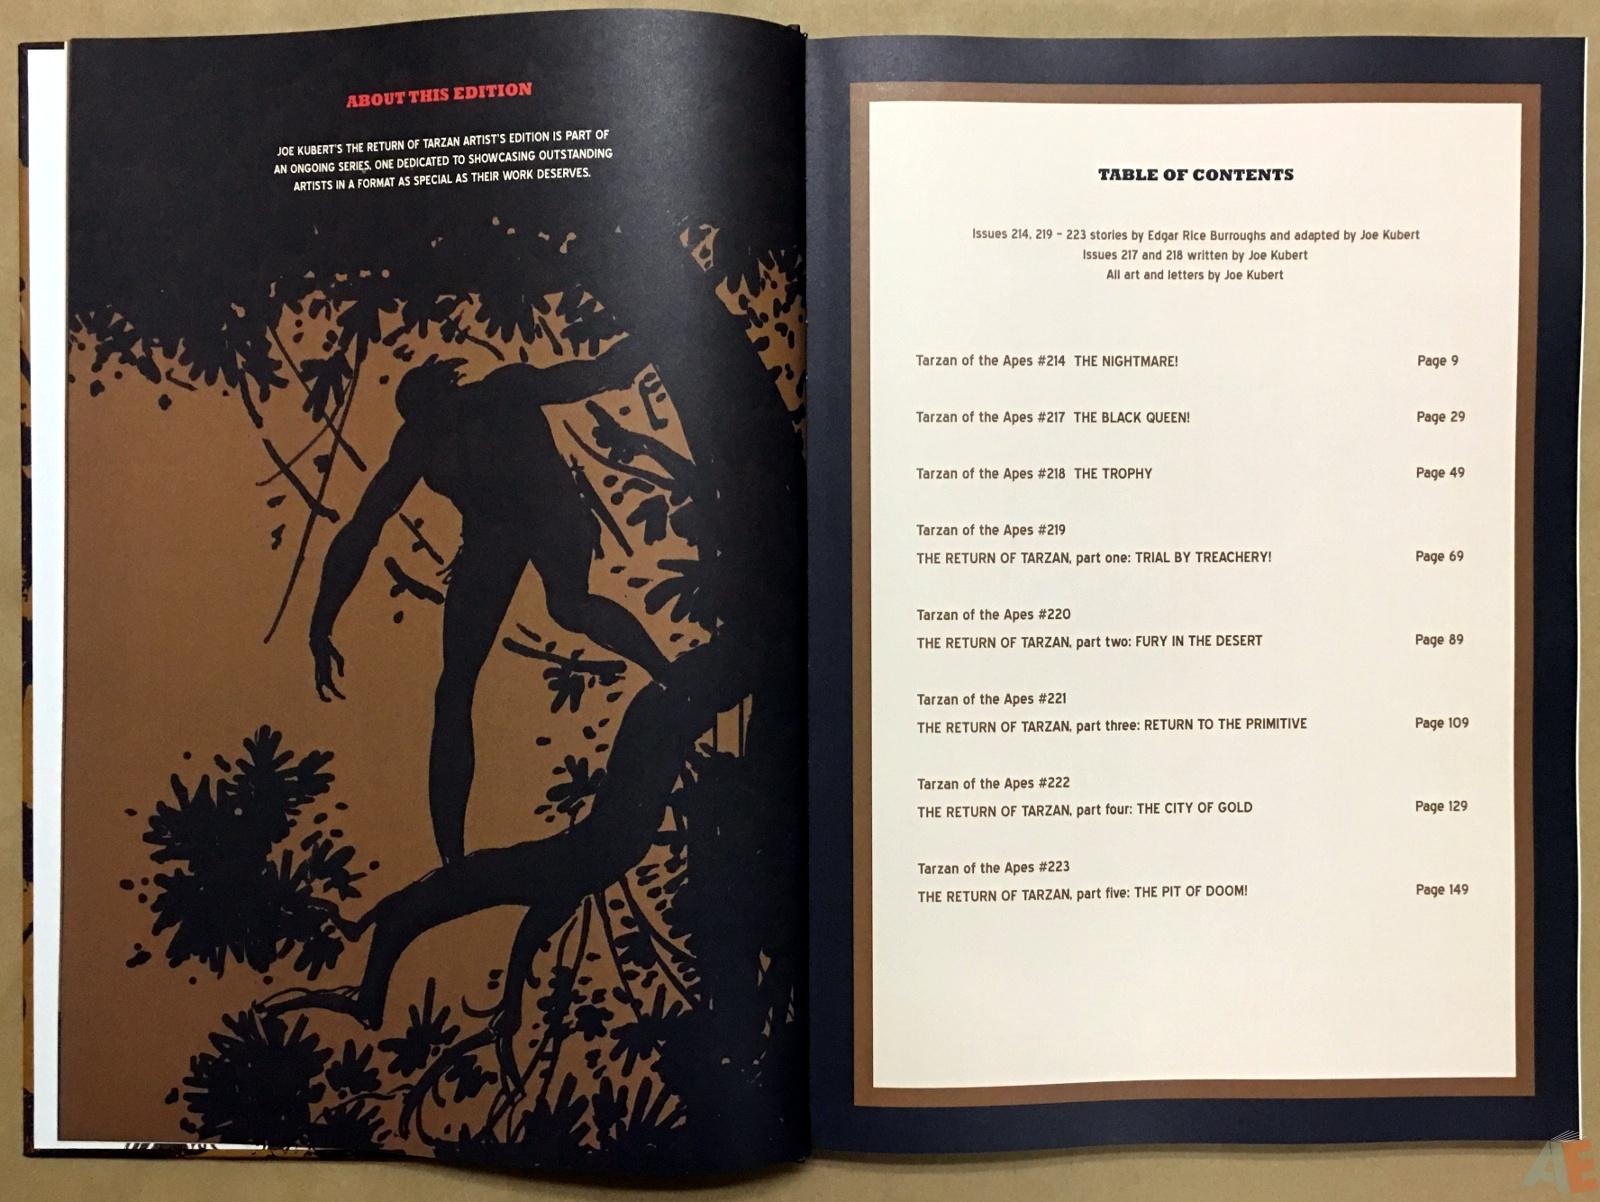 Joe Kubert's The Return Of Tarzan Artist's Edition 6